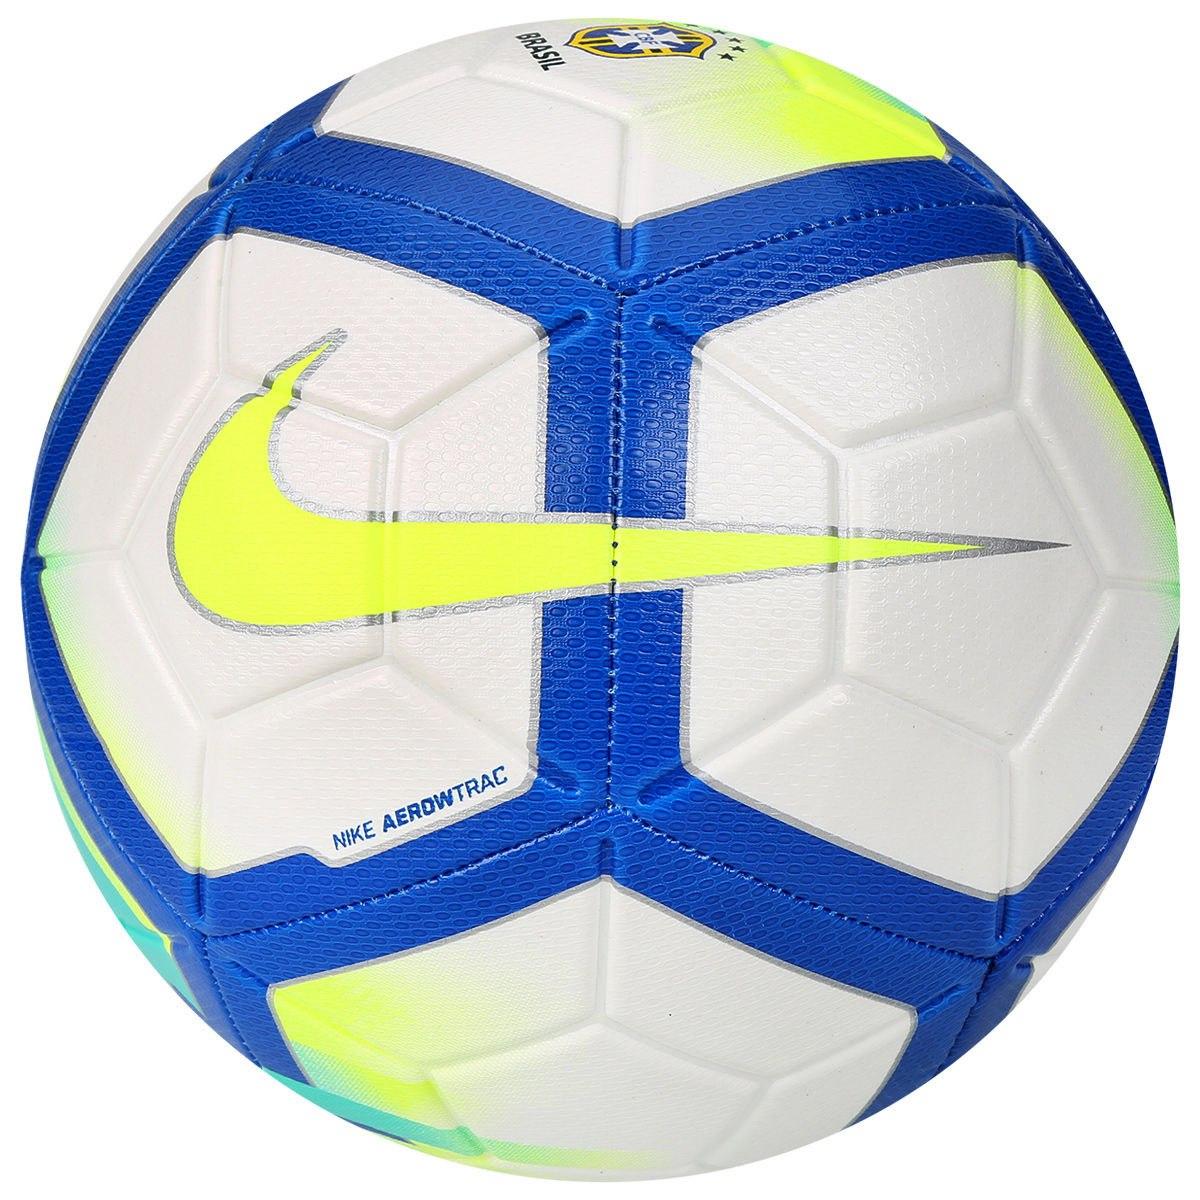 bola nike futebol campo strike cbf costura original sc3209. Carregando zoom. 37d0b4c3b072f